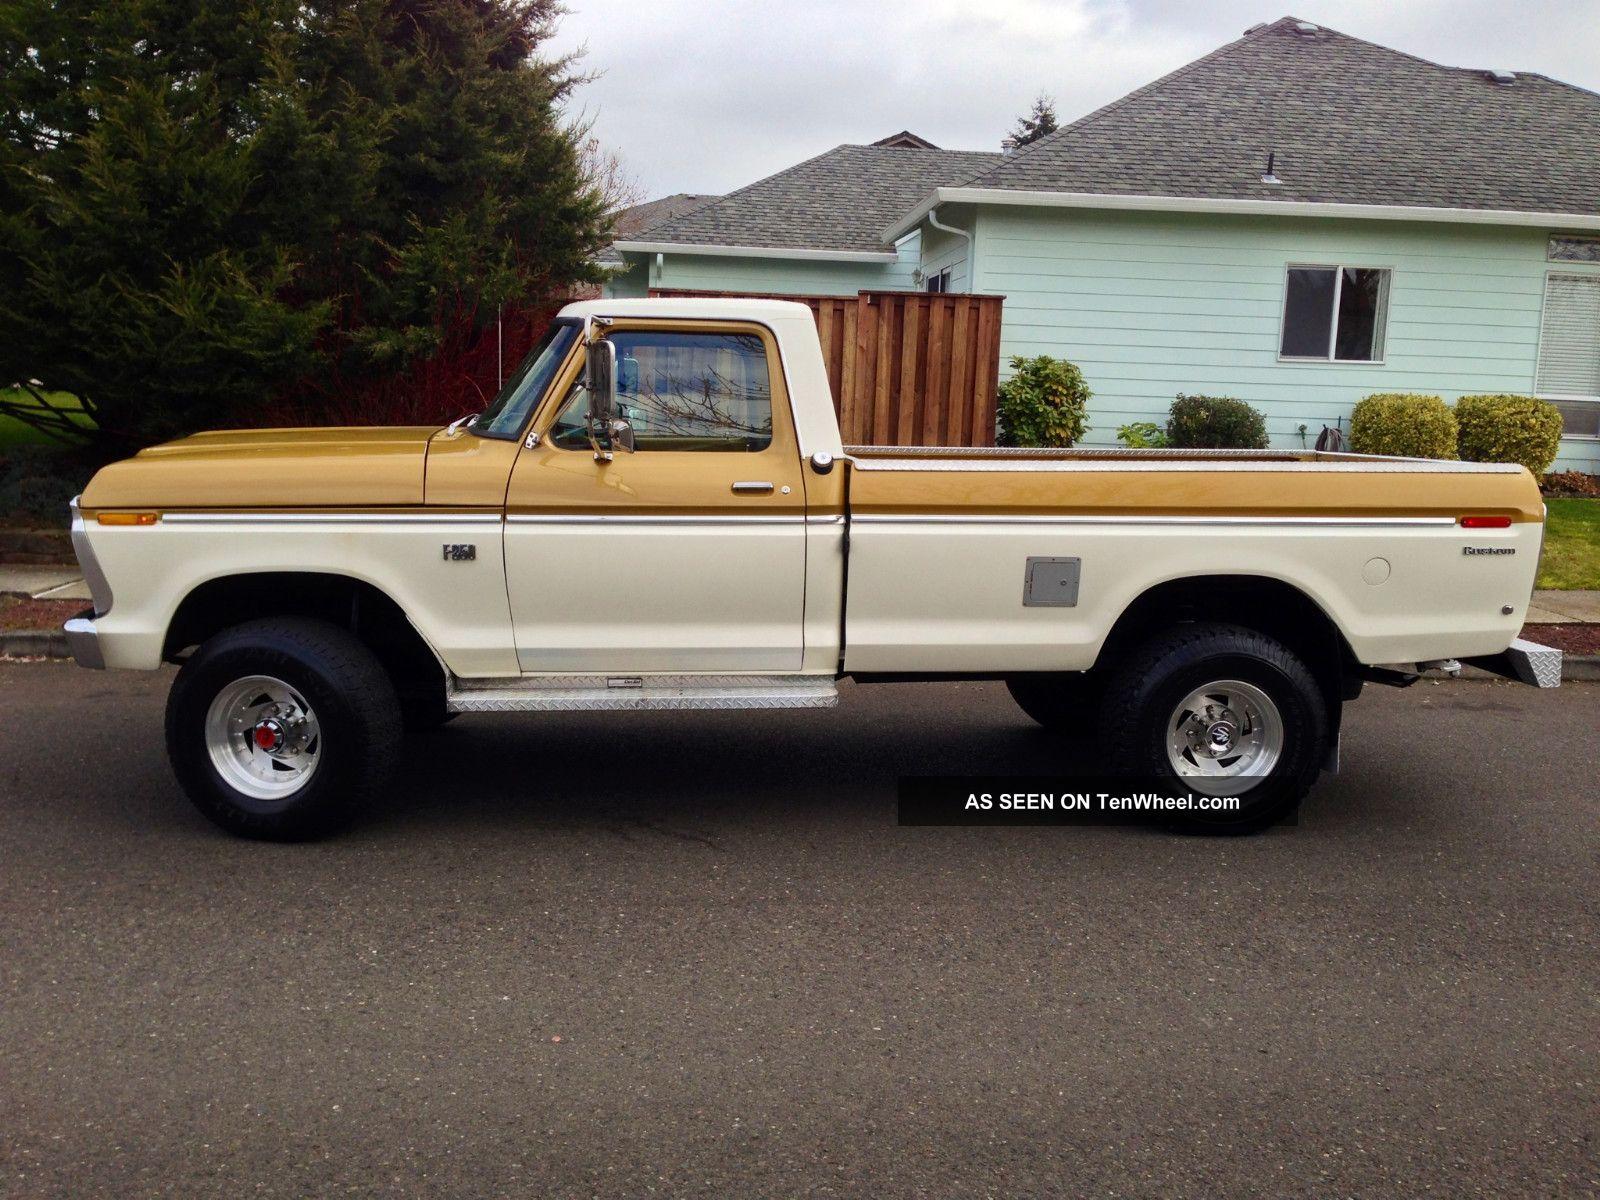 1973 ford f250 4x4 highboy longbed 1974 1975 1976 1977 1978 1979